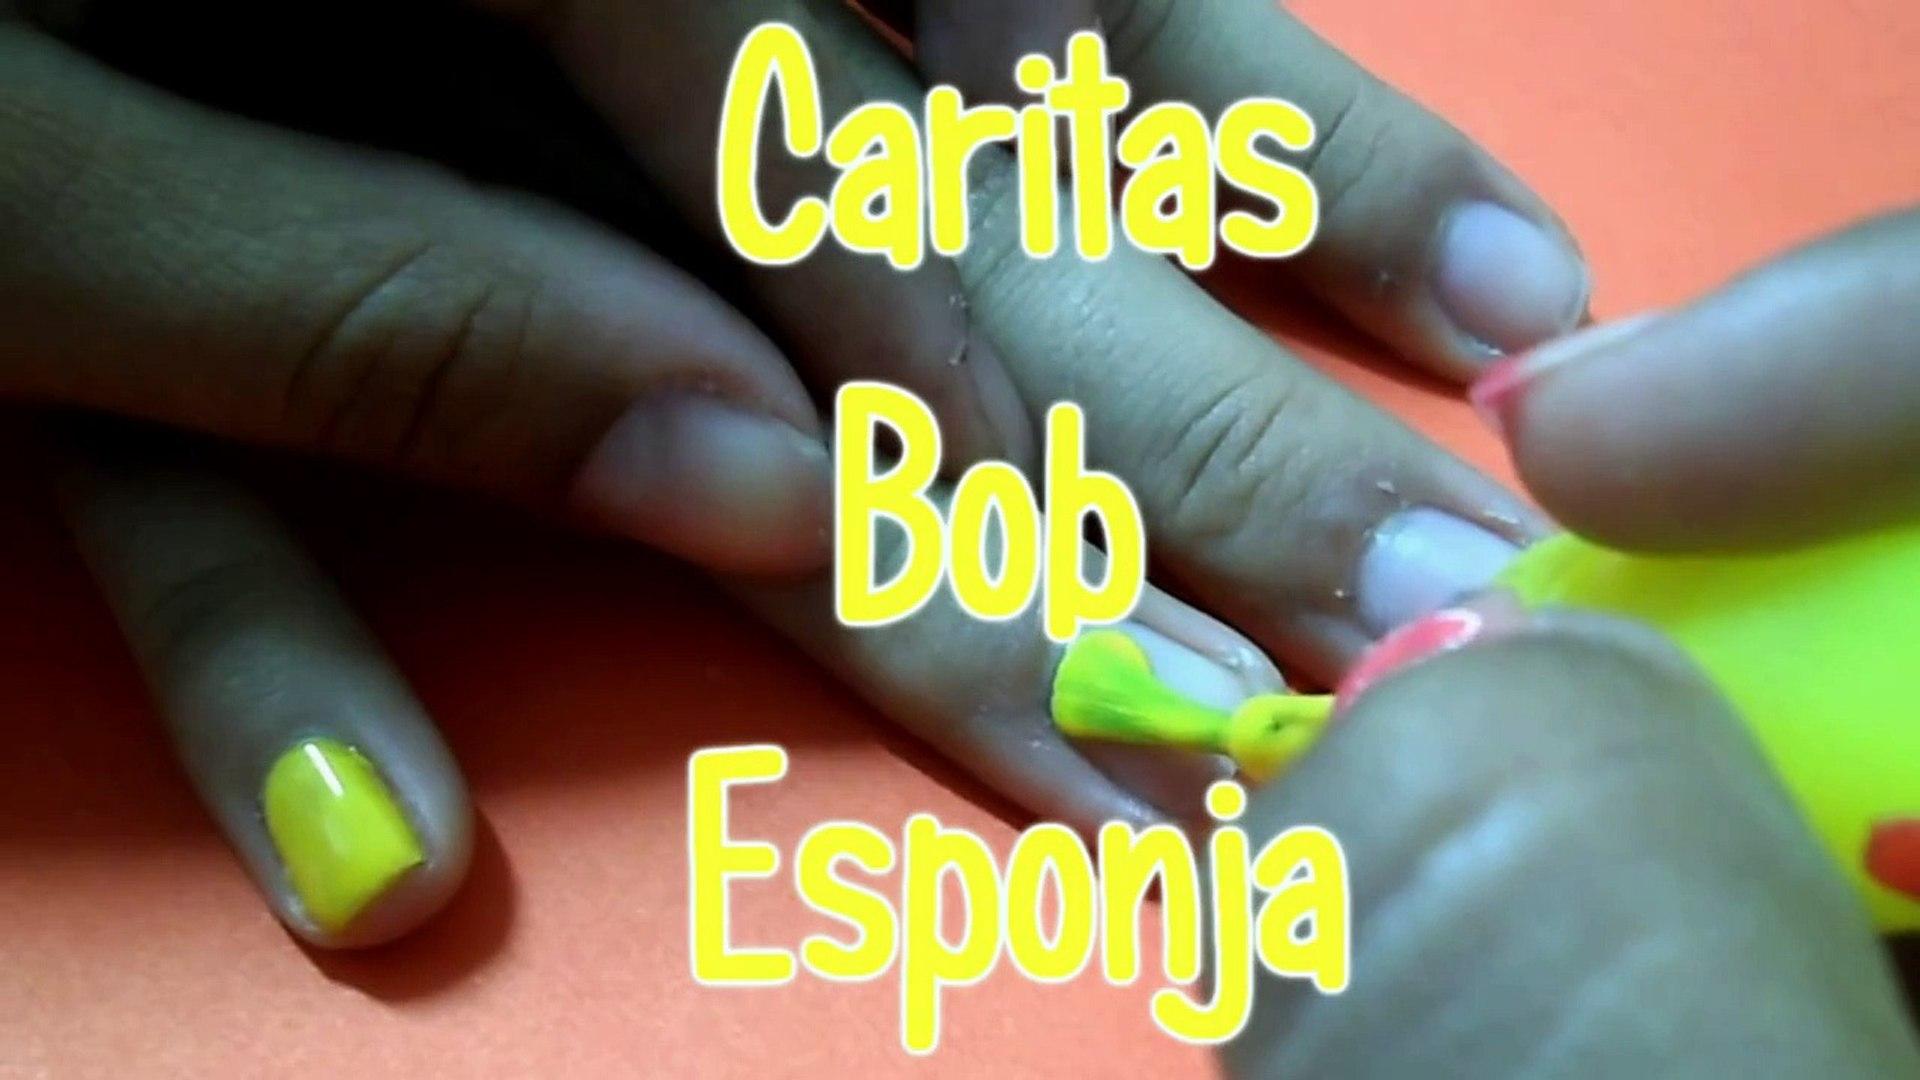 13 Decorado De Uñas Caritas Bob Esponja Yana Video